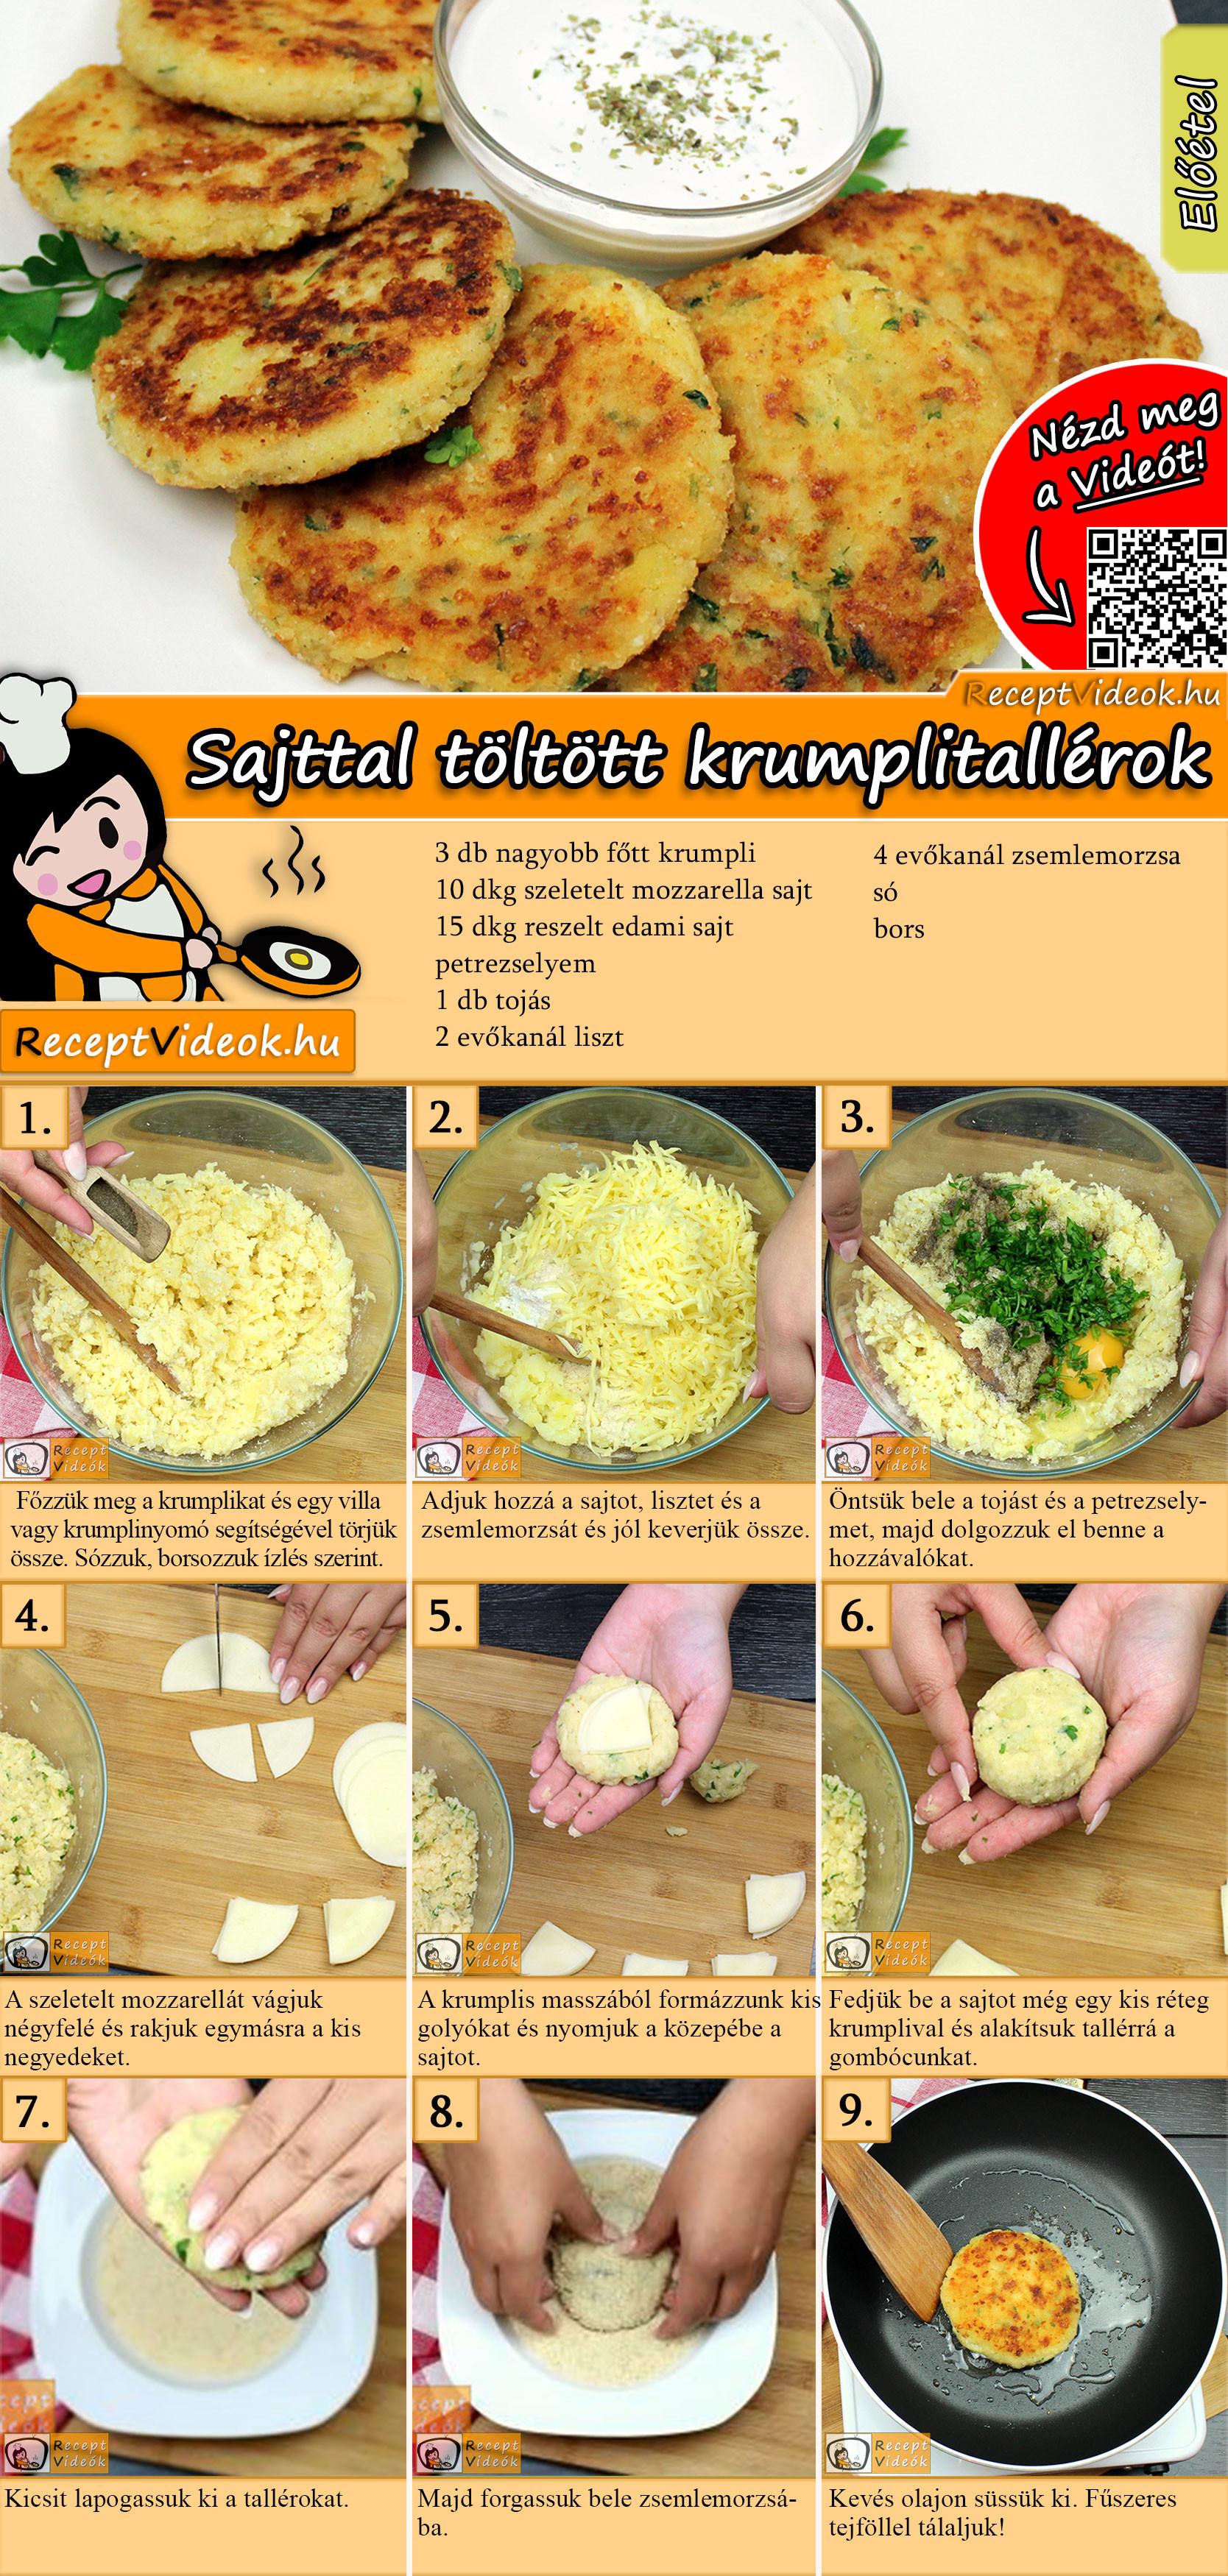 Sajttal töltött krumplitallérok recept elkészítése videóval